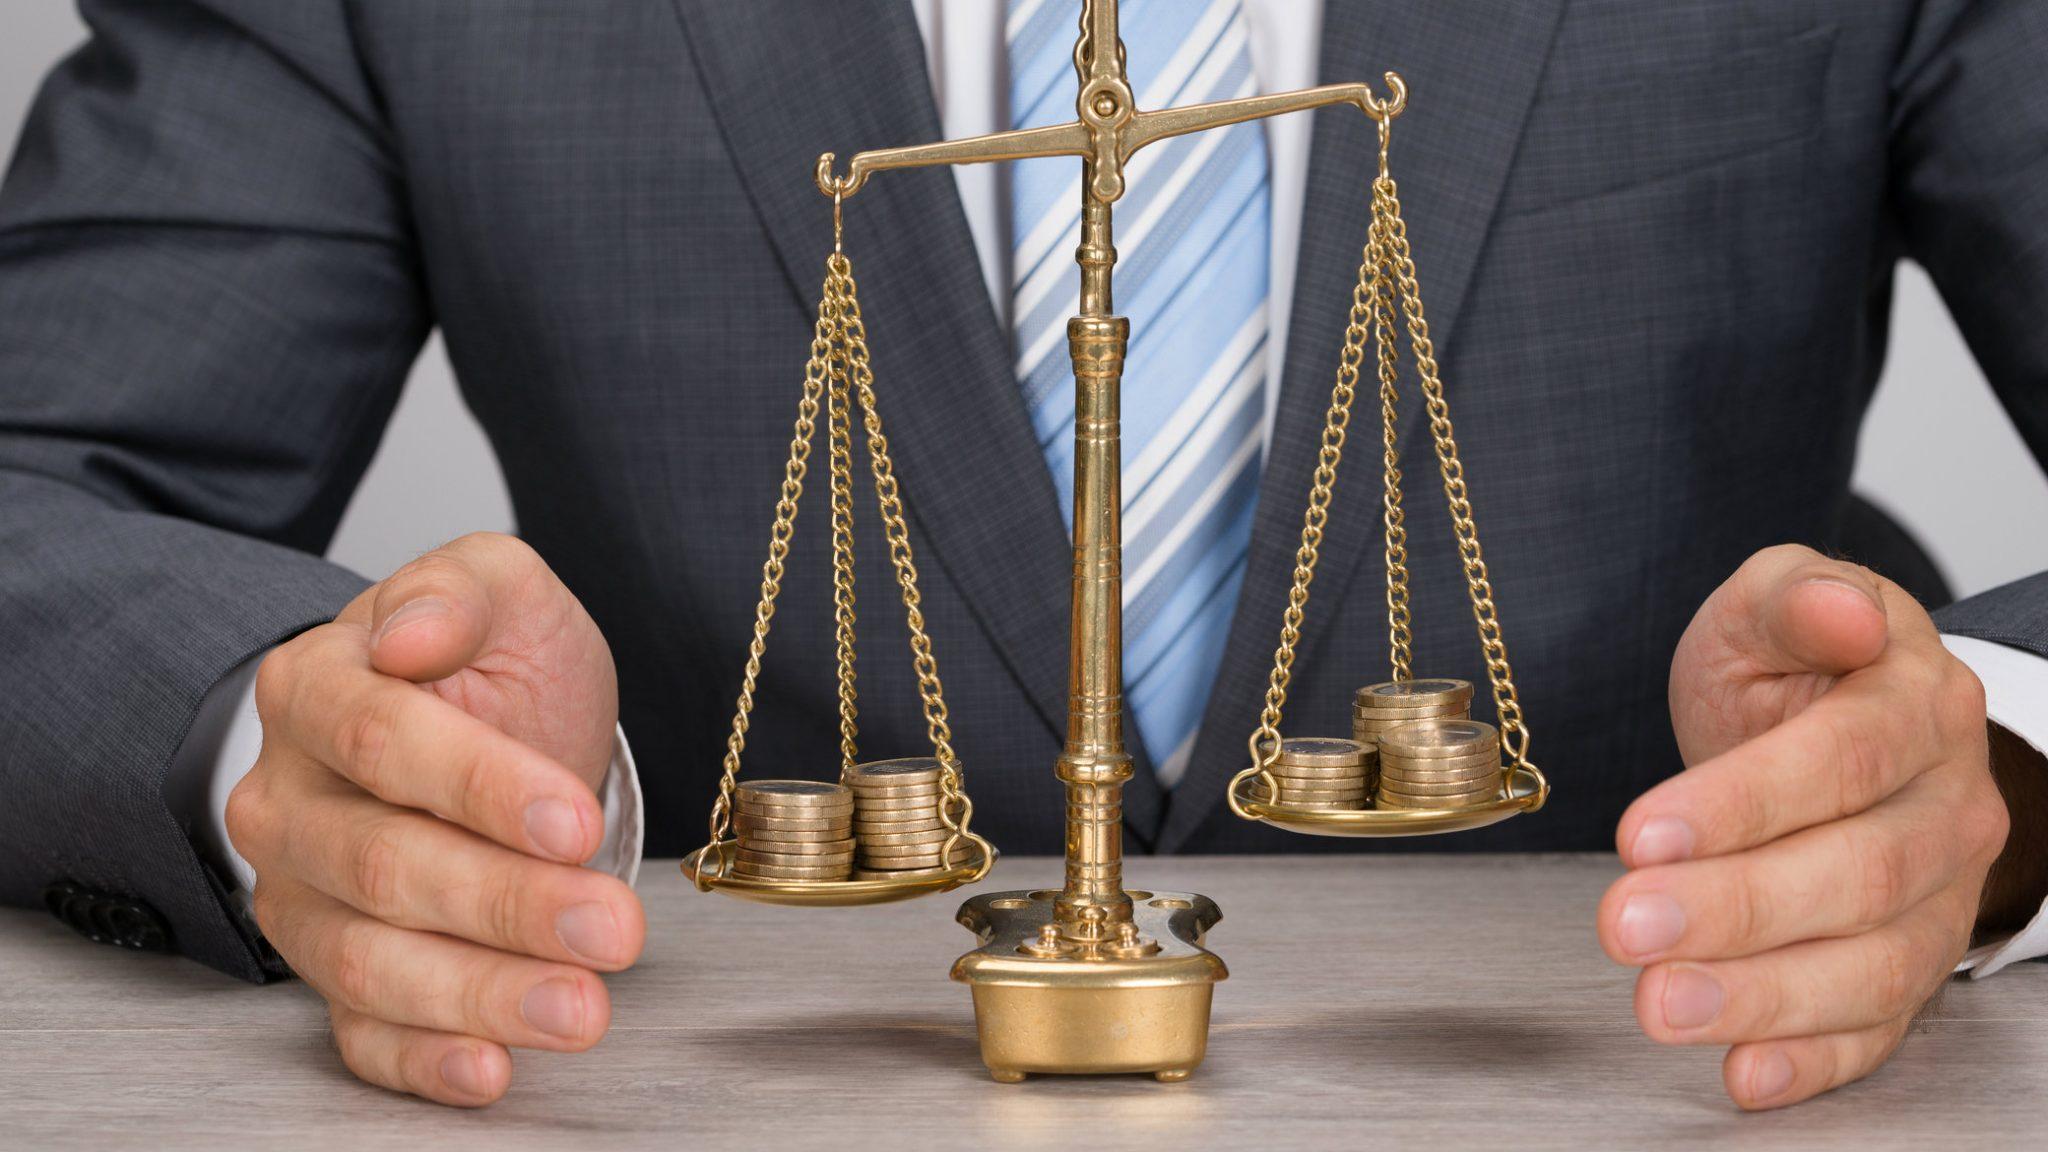 , Как выгодно расторгнуть договор ДДУ и быстро вернуть свои деньги?, Юридическая компания по спорам с застройщиками.